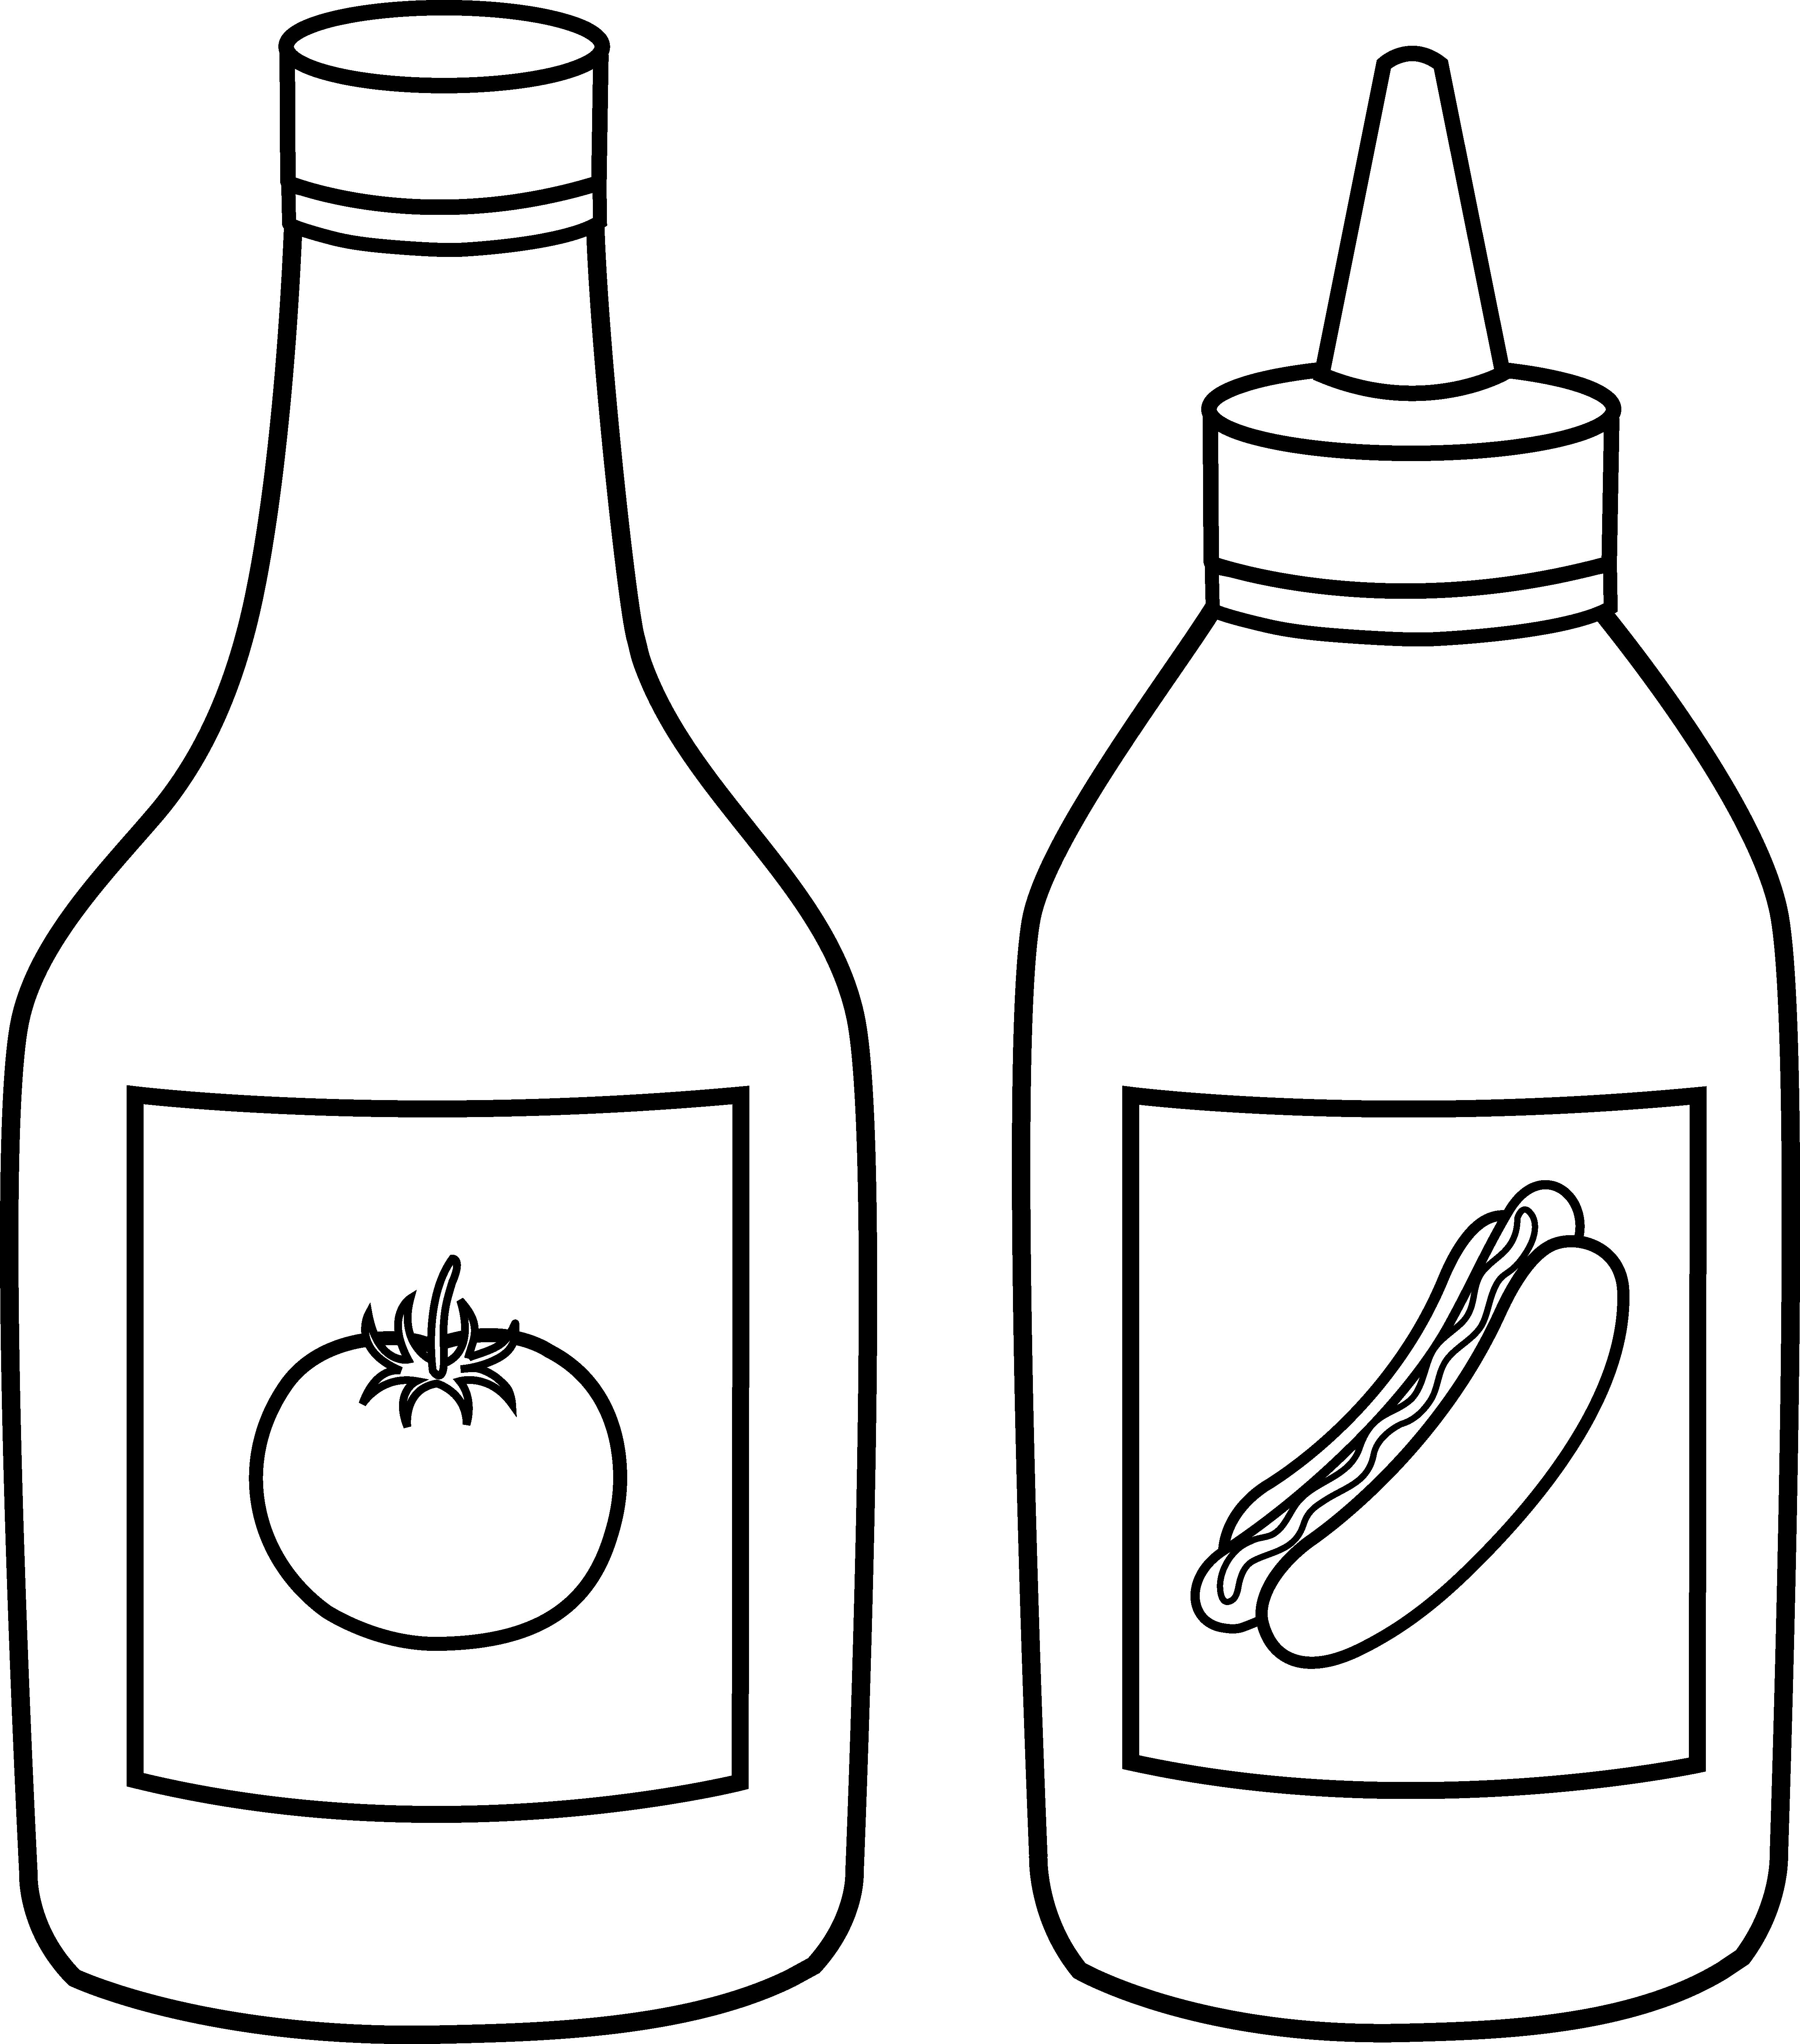 Tomatoes clipart gambar. Ketchup and mustard line